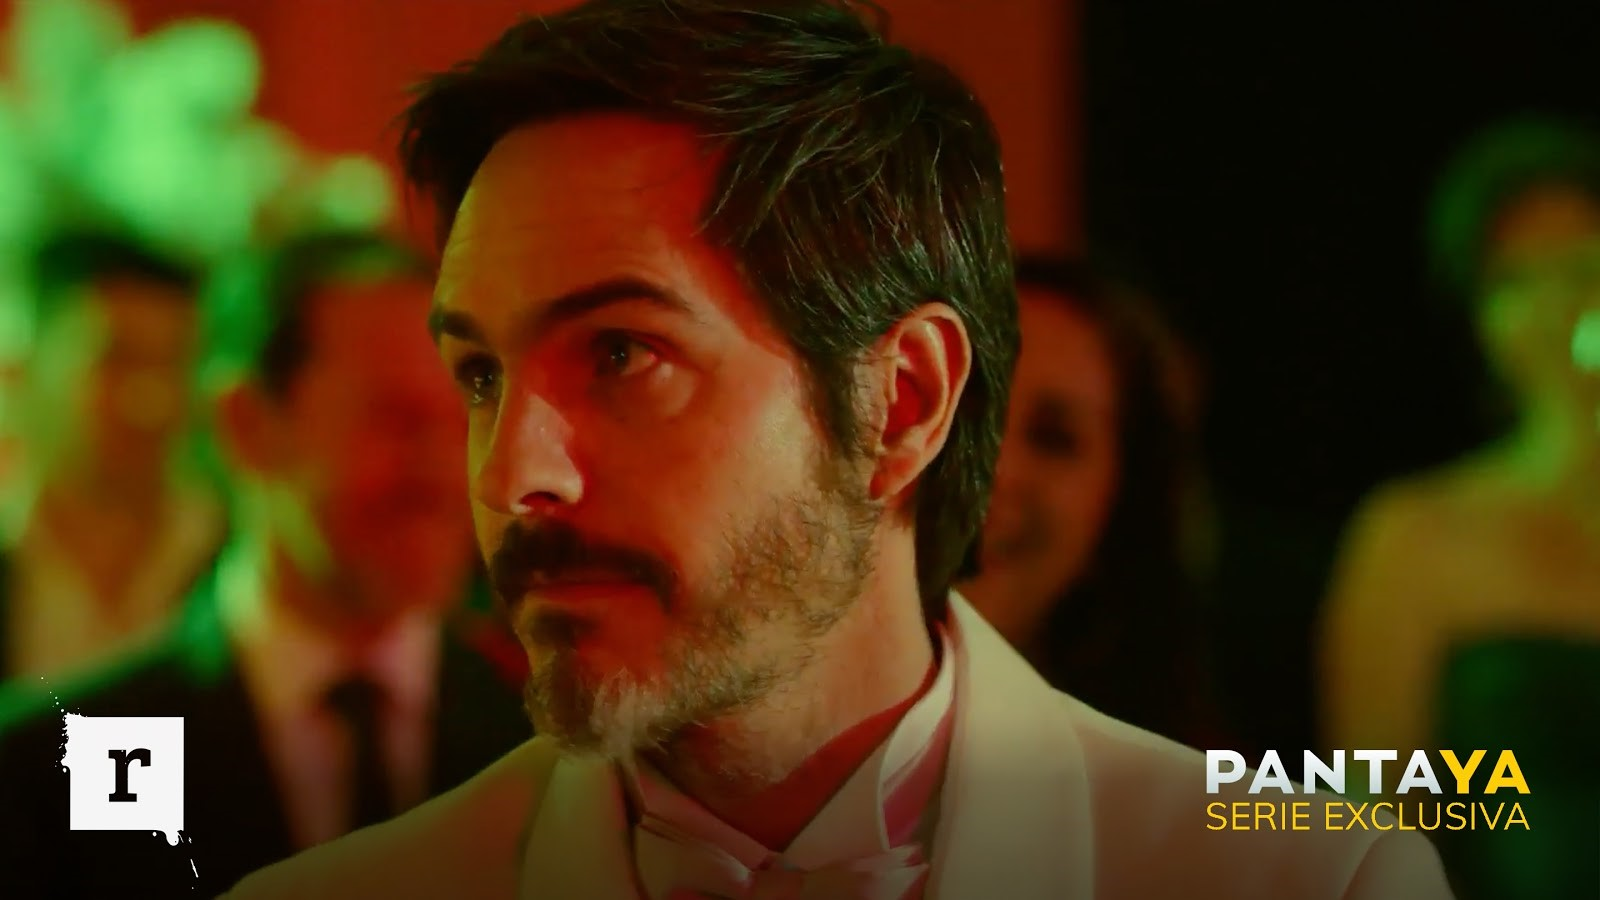 Mauricio Ochmann y Miguel Angel Silvestre entre los estrenos de PANTAYA para el mes de mayo